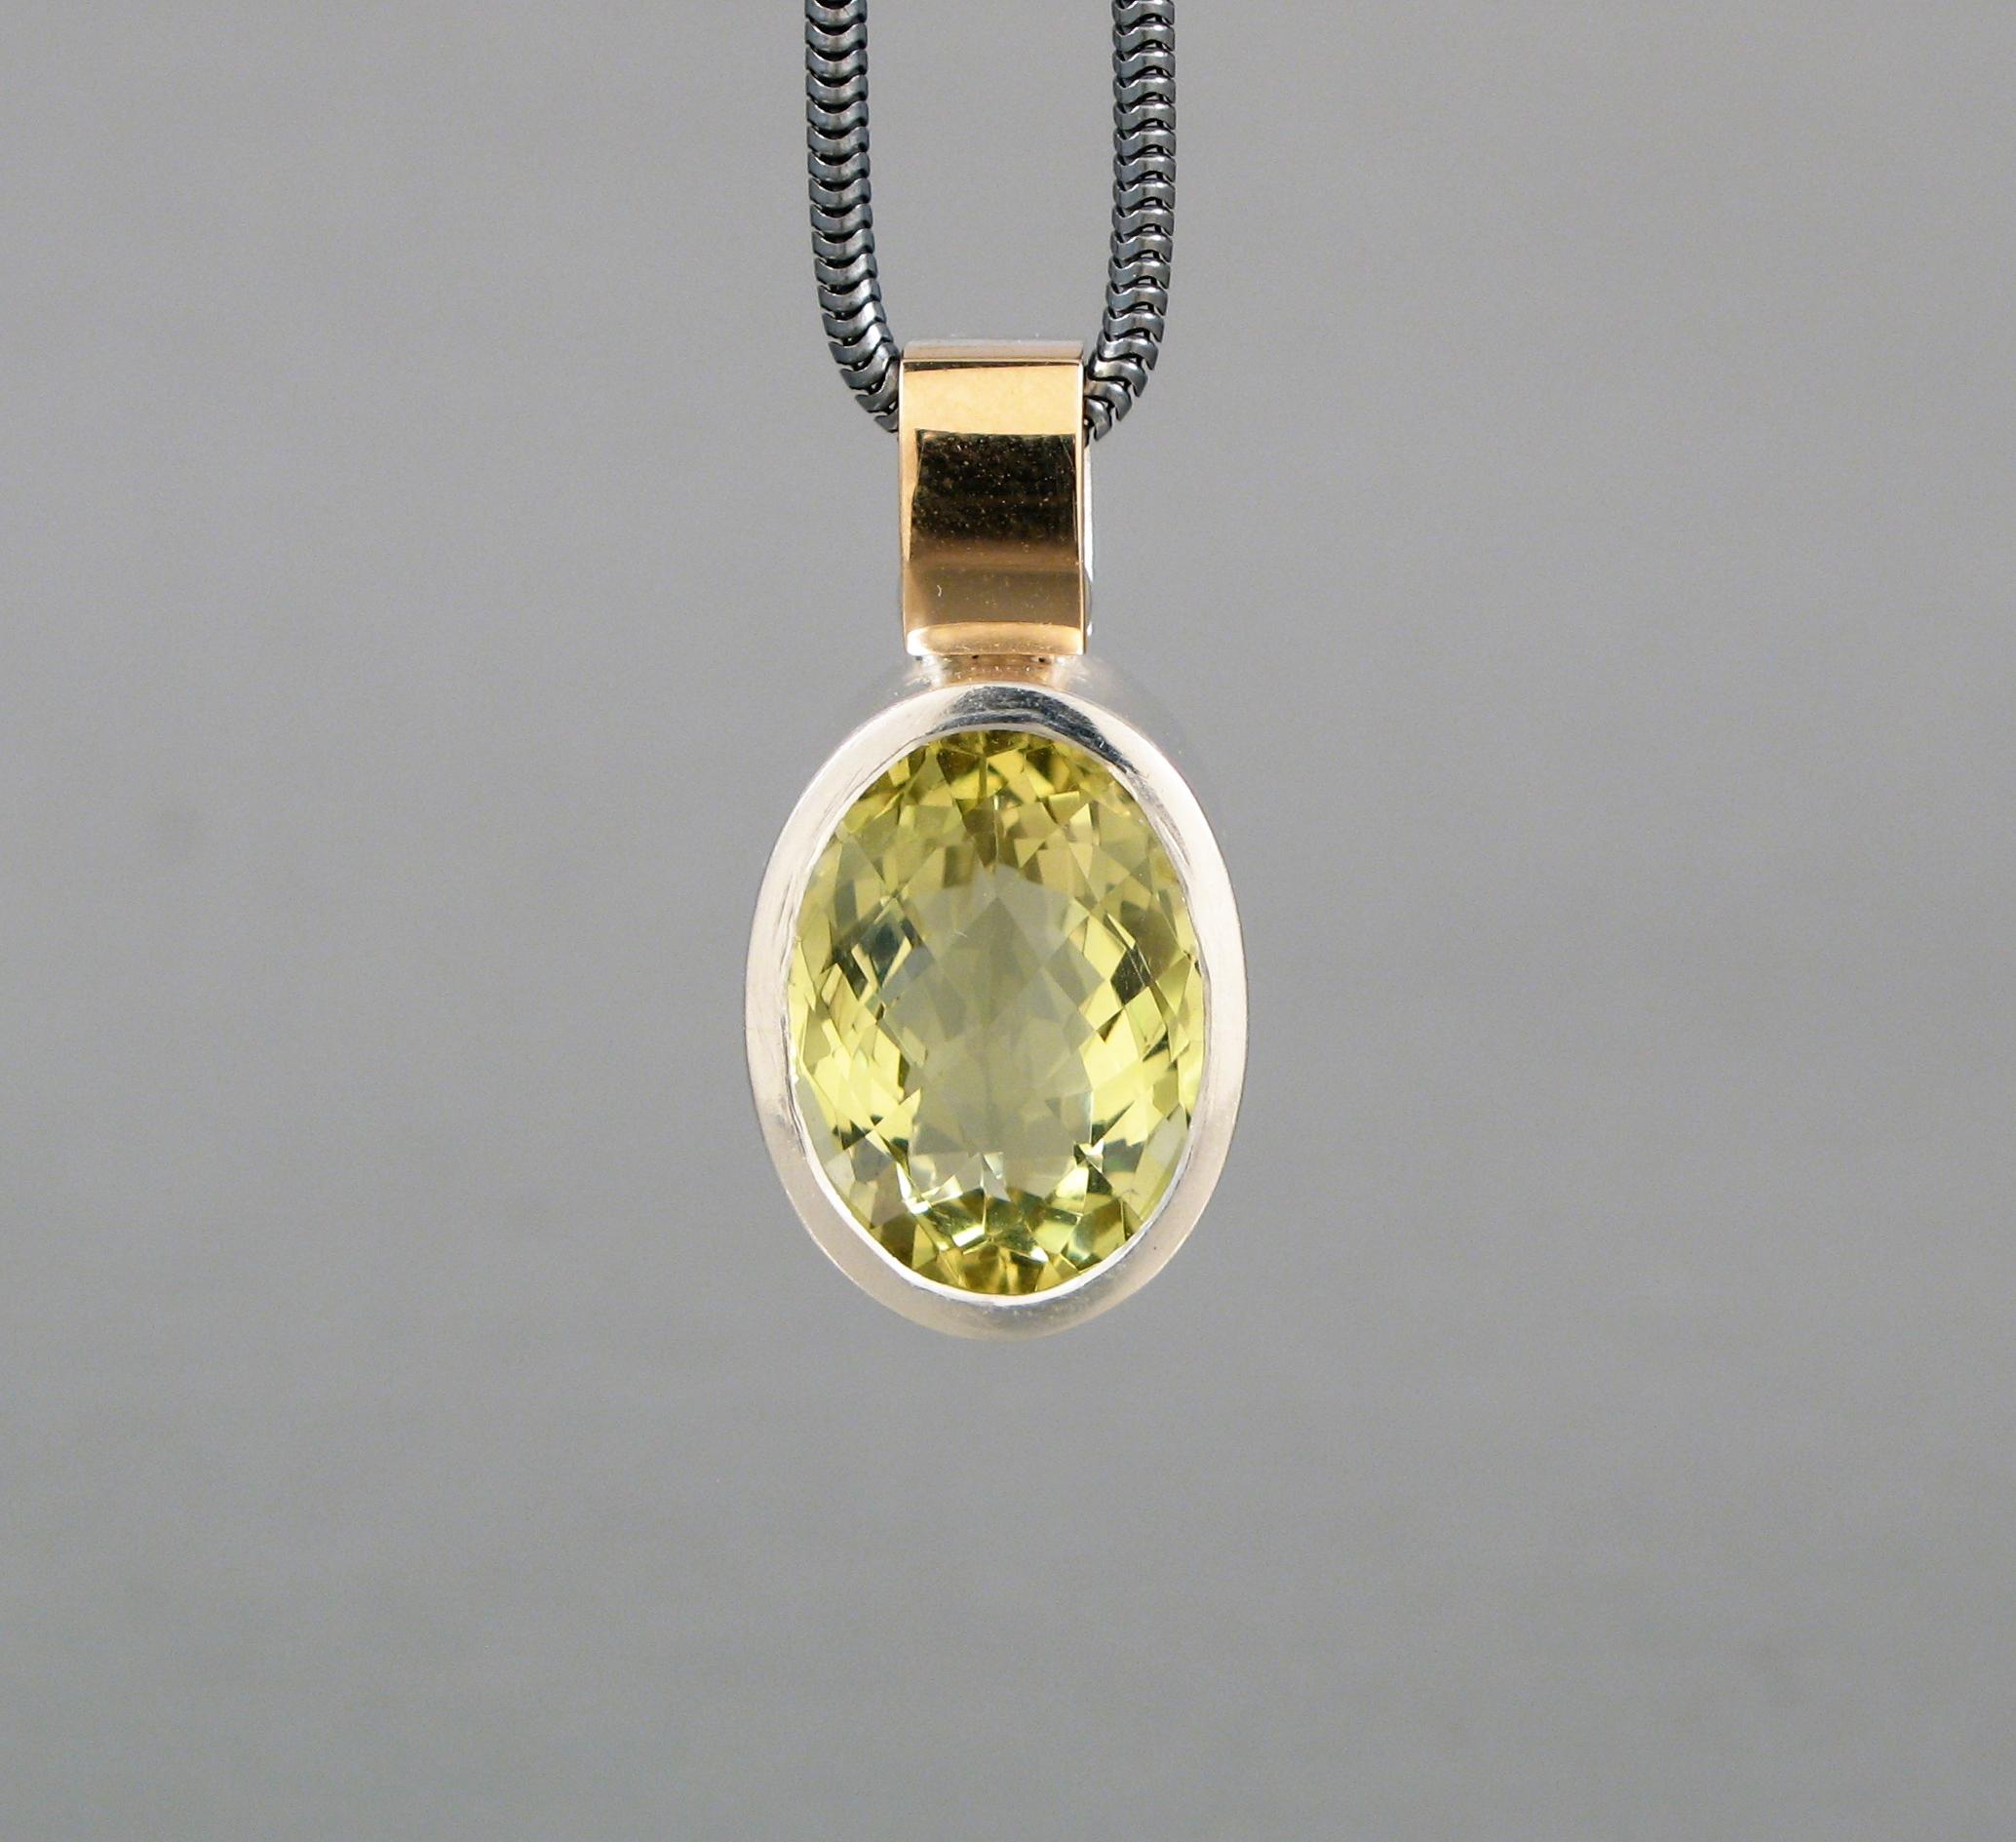 Hänge, silver, guld och grön kvarts